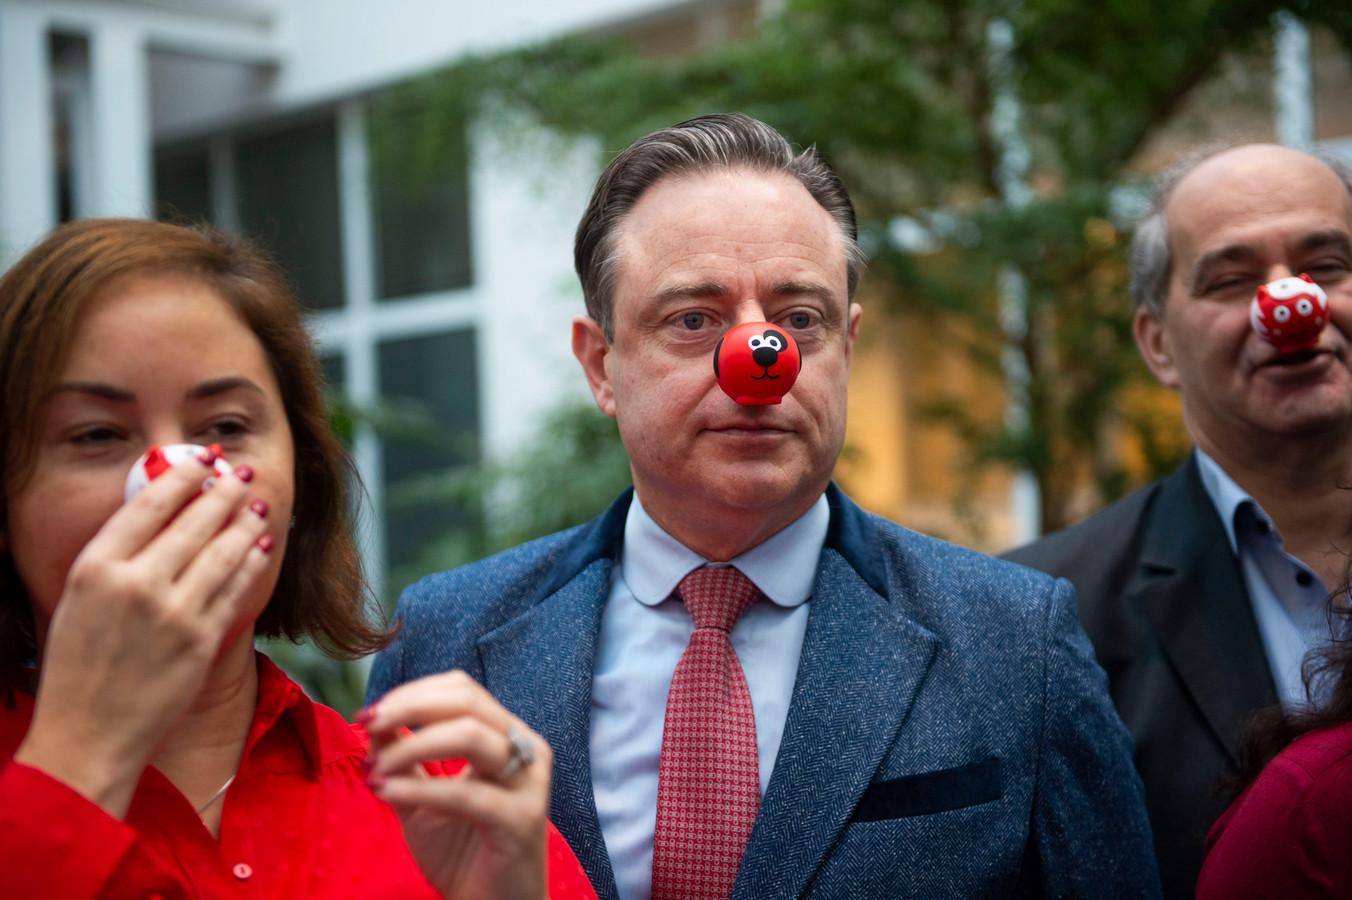 Burgemeester Bart De Wever met een rode neus.